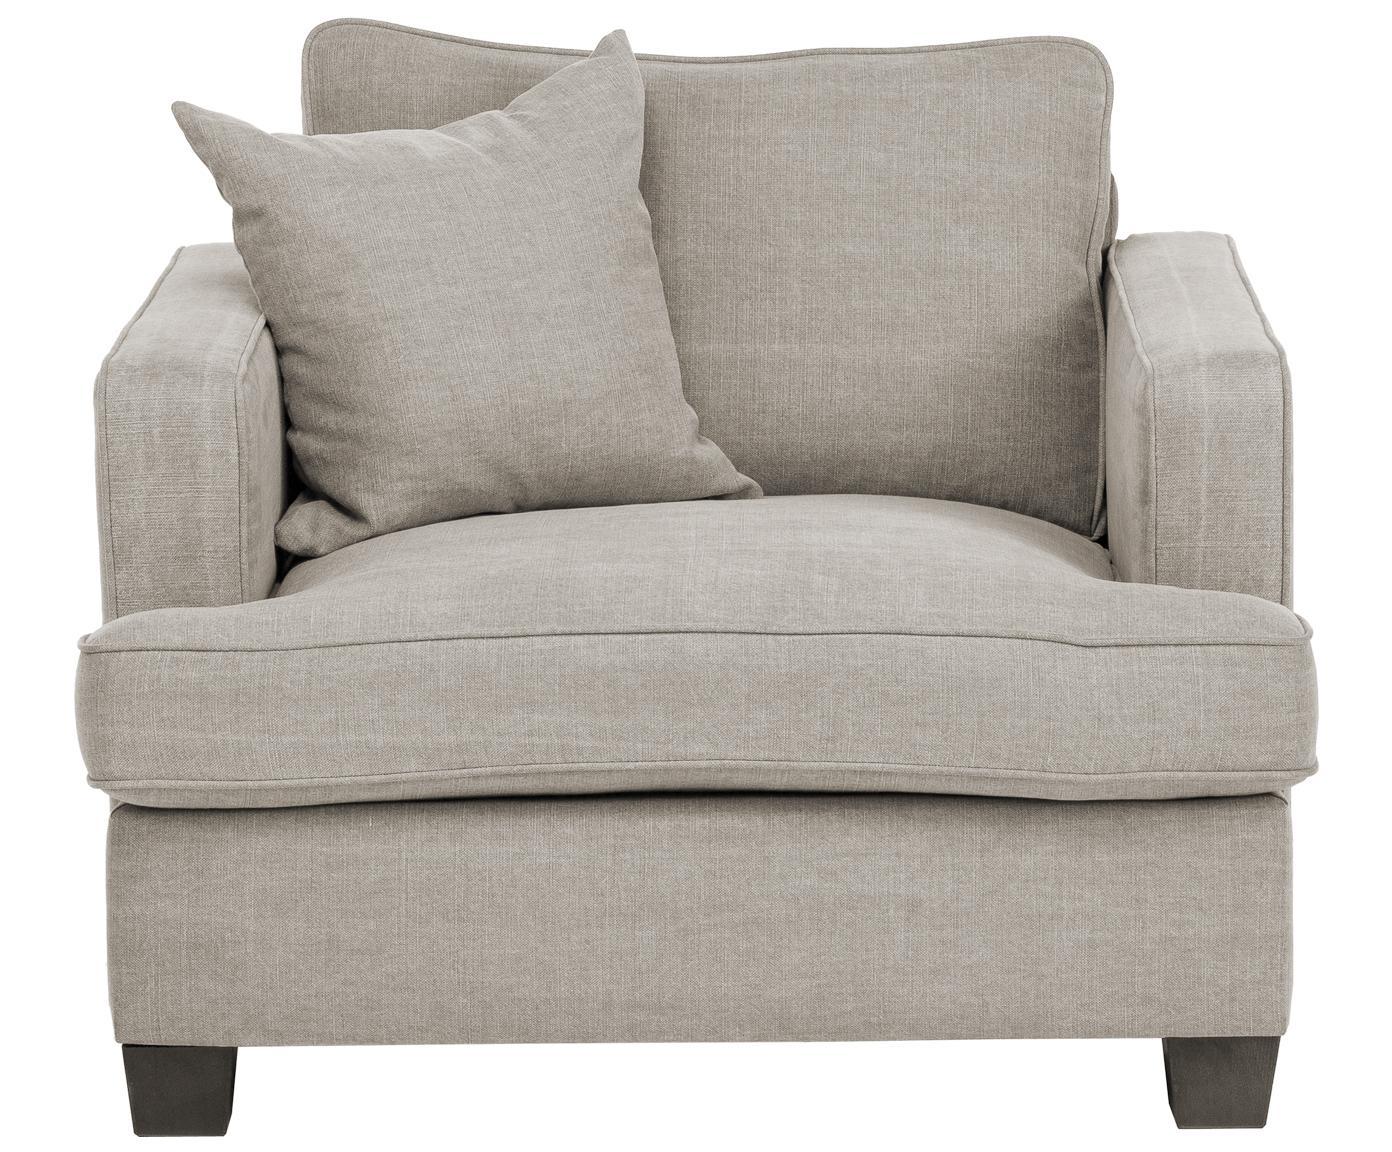 Fotel Warren, Stelaż: drewno naturalne, Tapicerka: 60% bawełna, 40% len Tapi, Nogi: czarne drewno, Piaskowoszary, S 103 x W 85 cm